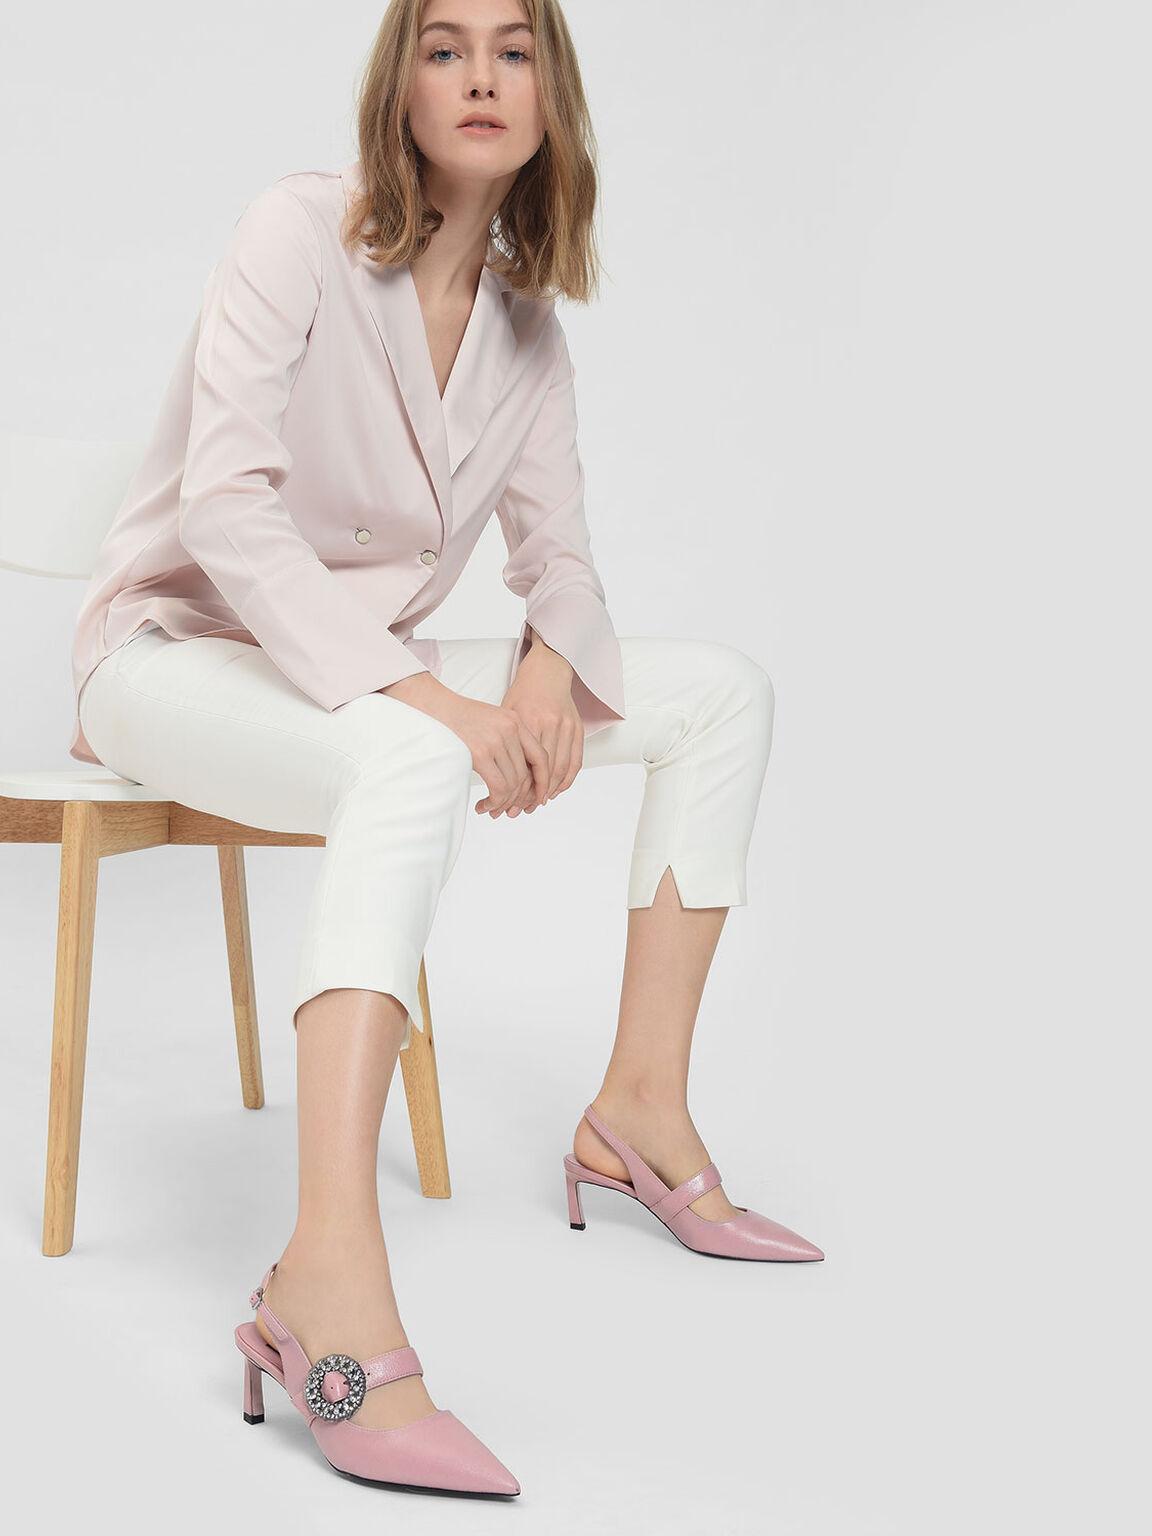 Crushed Gem Effect Buckle Leather Slingback, Pink, hi-res